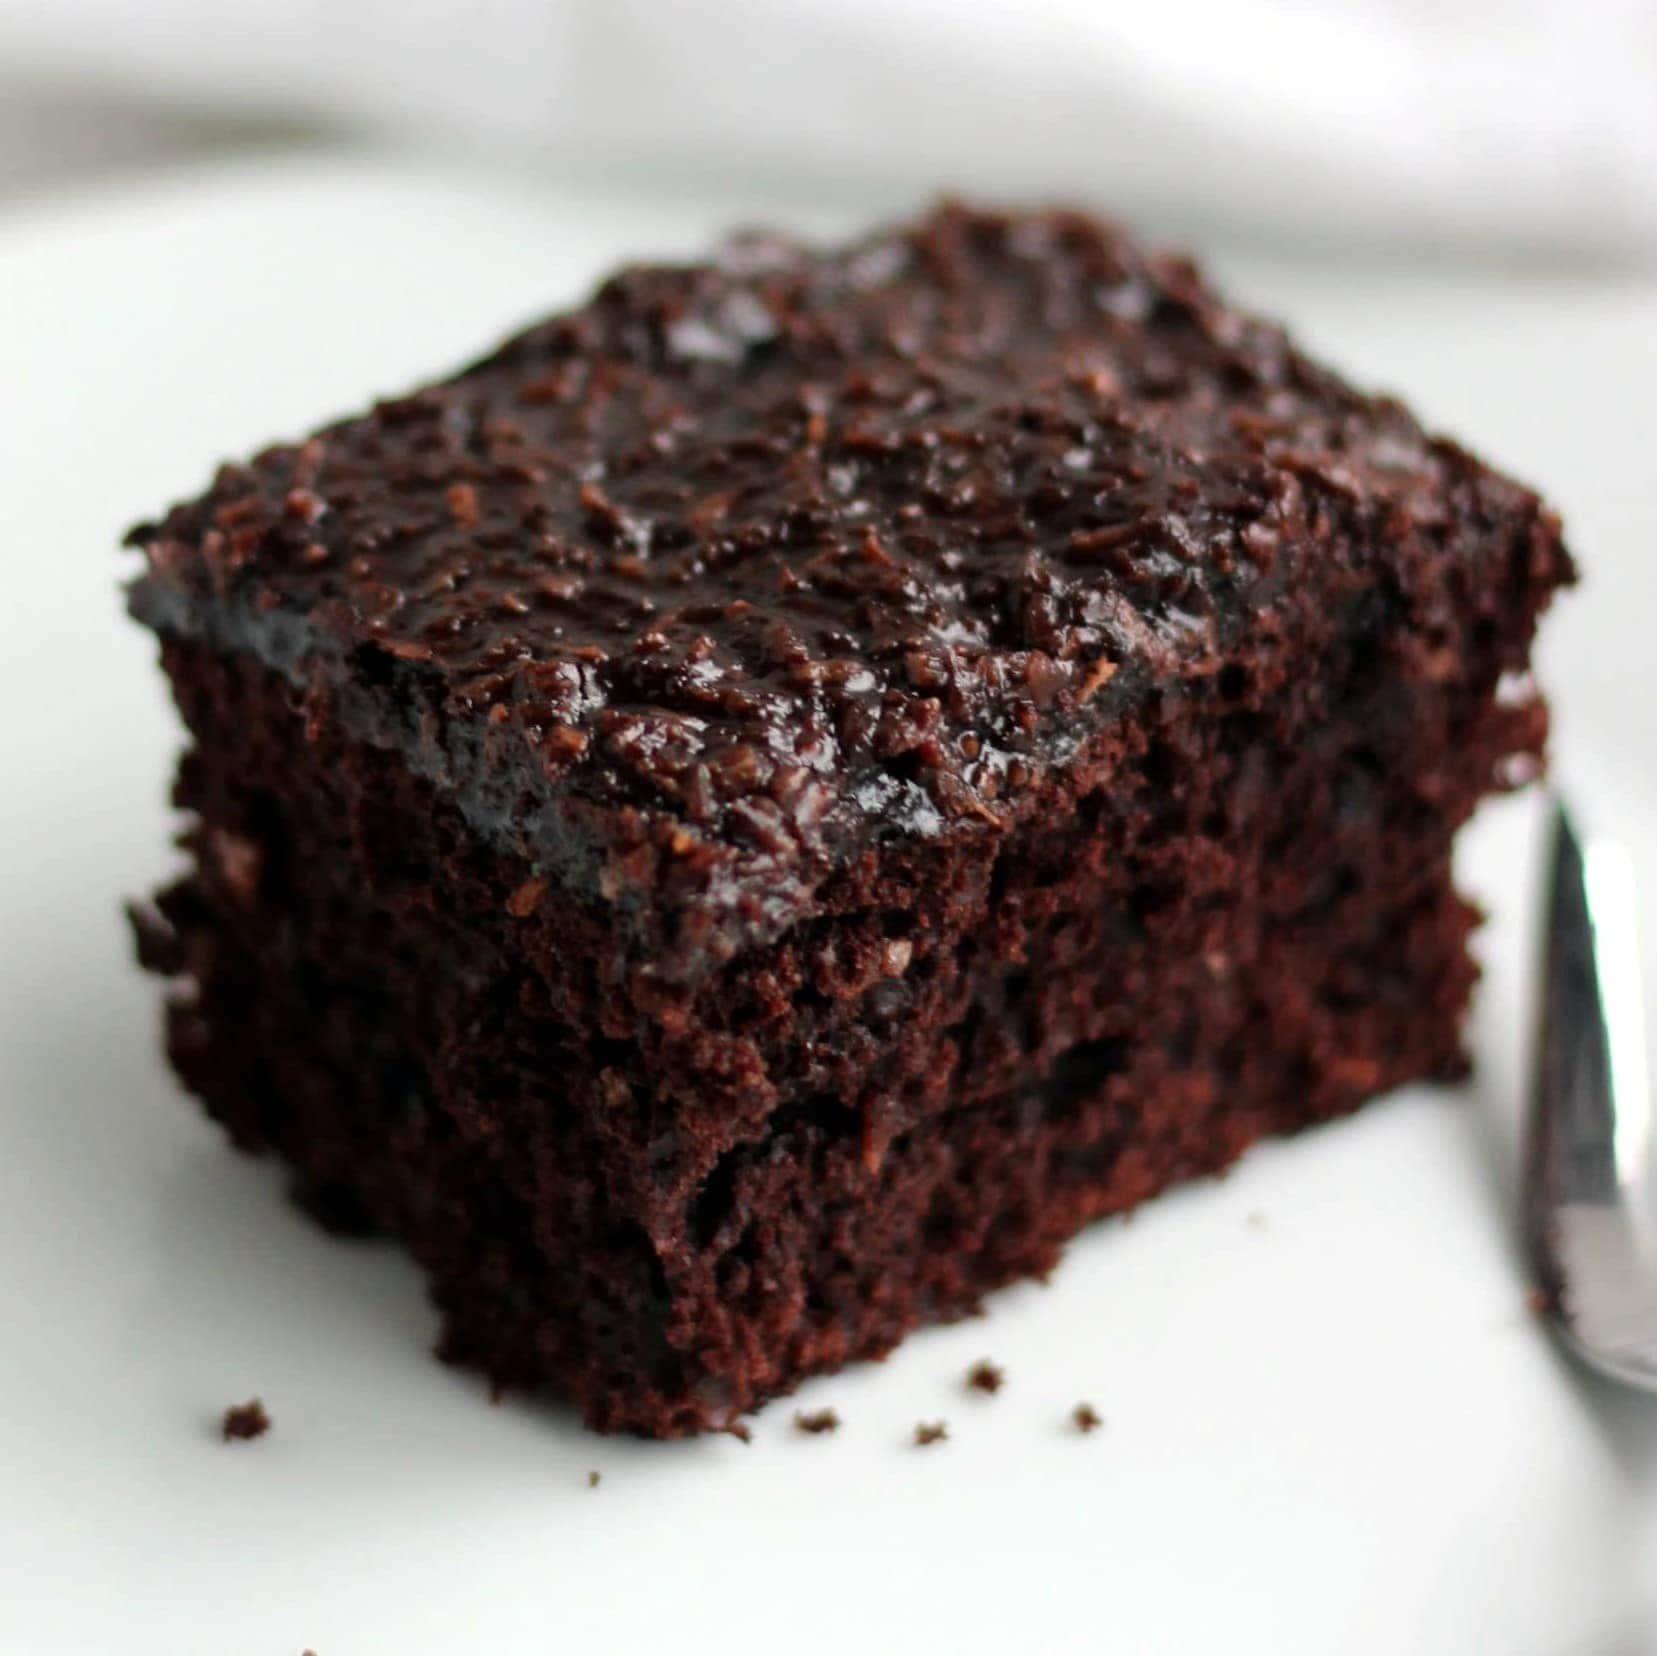 """""""Den du ved nok"""" chokoladekage – chokoladeudgaven af drømmekage, som bare smager rigtig godt. Her får du opskriften på den lækre kage med chokoladestykker i og en god mørk kaffe-kokosglasur på toppen - perfekt til kaffen og den lille lækkersult. Find opskrifter, gratis print og inspiration til årets gang på danishthings.com © Christel Parby #DanishThings #chokoladekage #denduvednok #kokos #kaffe #glasur #kage #bradepandekage #chokoladebradepandekage #tagmed #klassenstimekage #fødselsdag #tirsdagskage"""